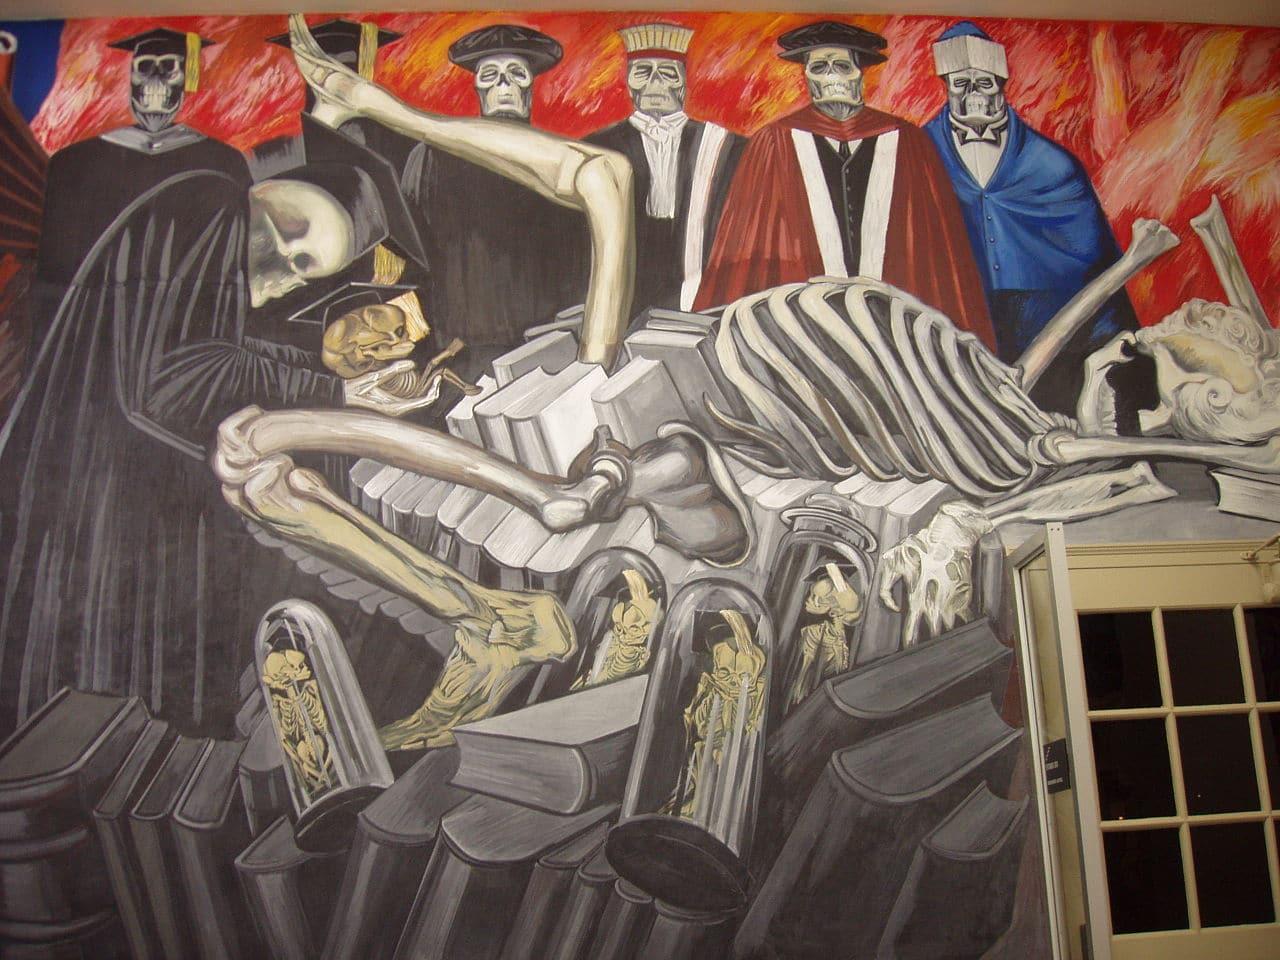 Mural de José Clemente Orozco en Dartmouth College